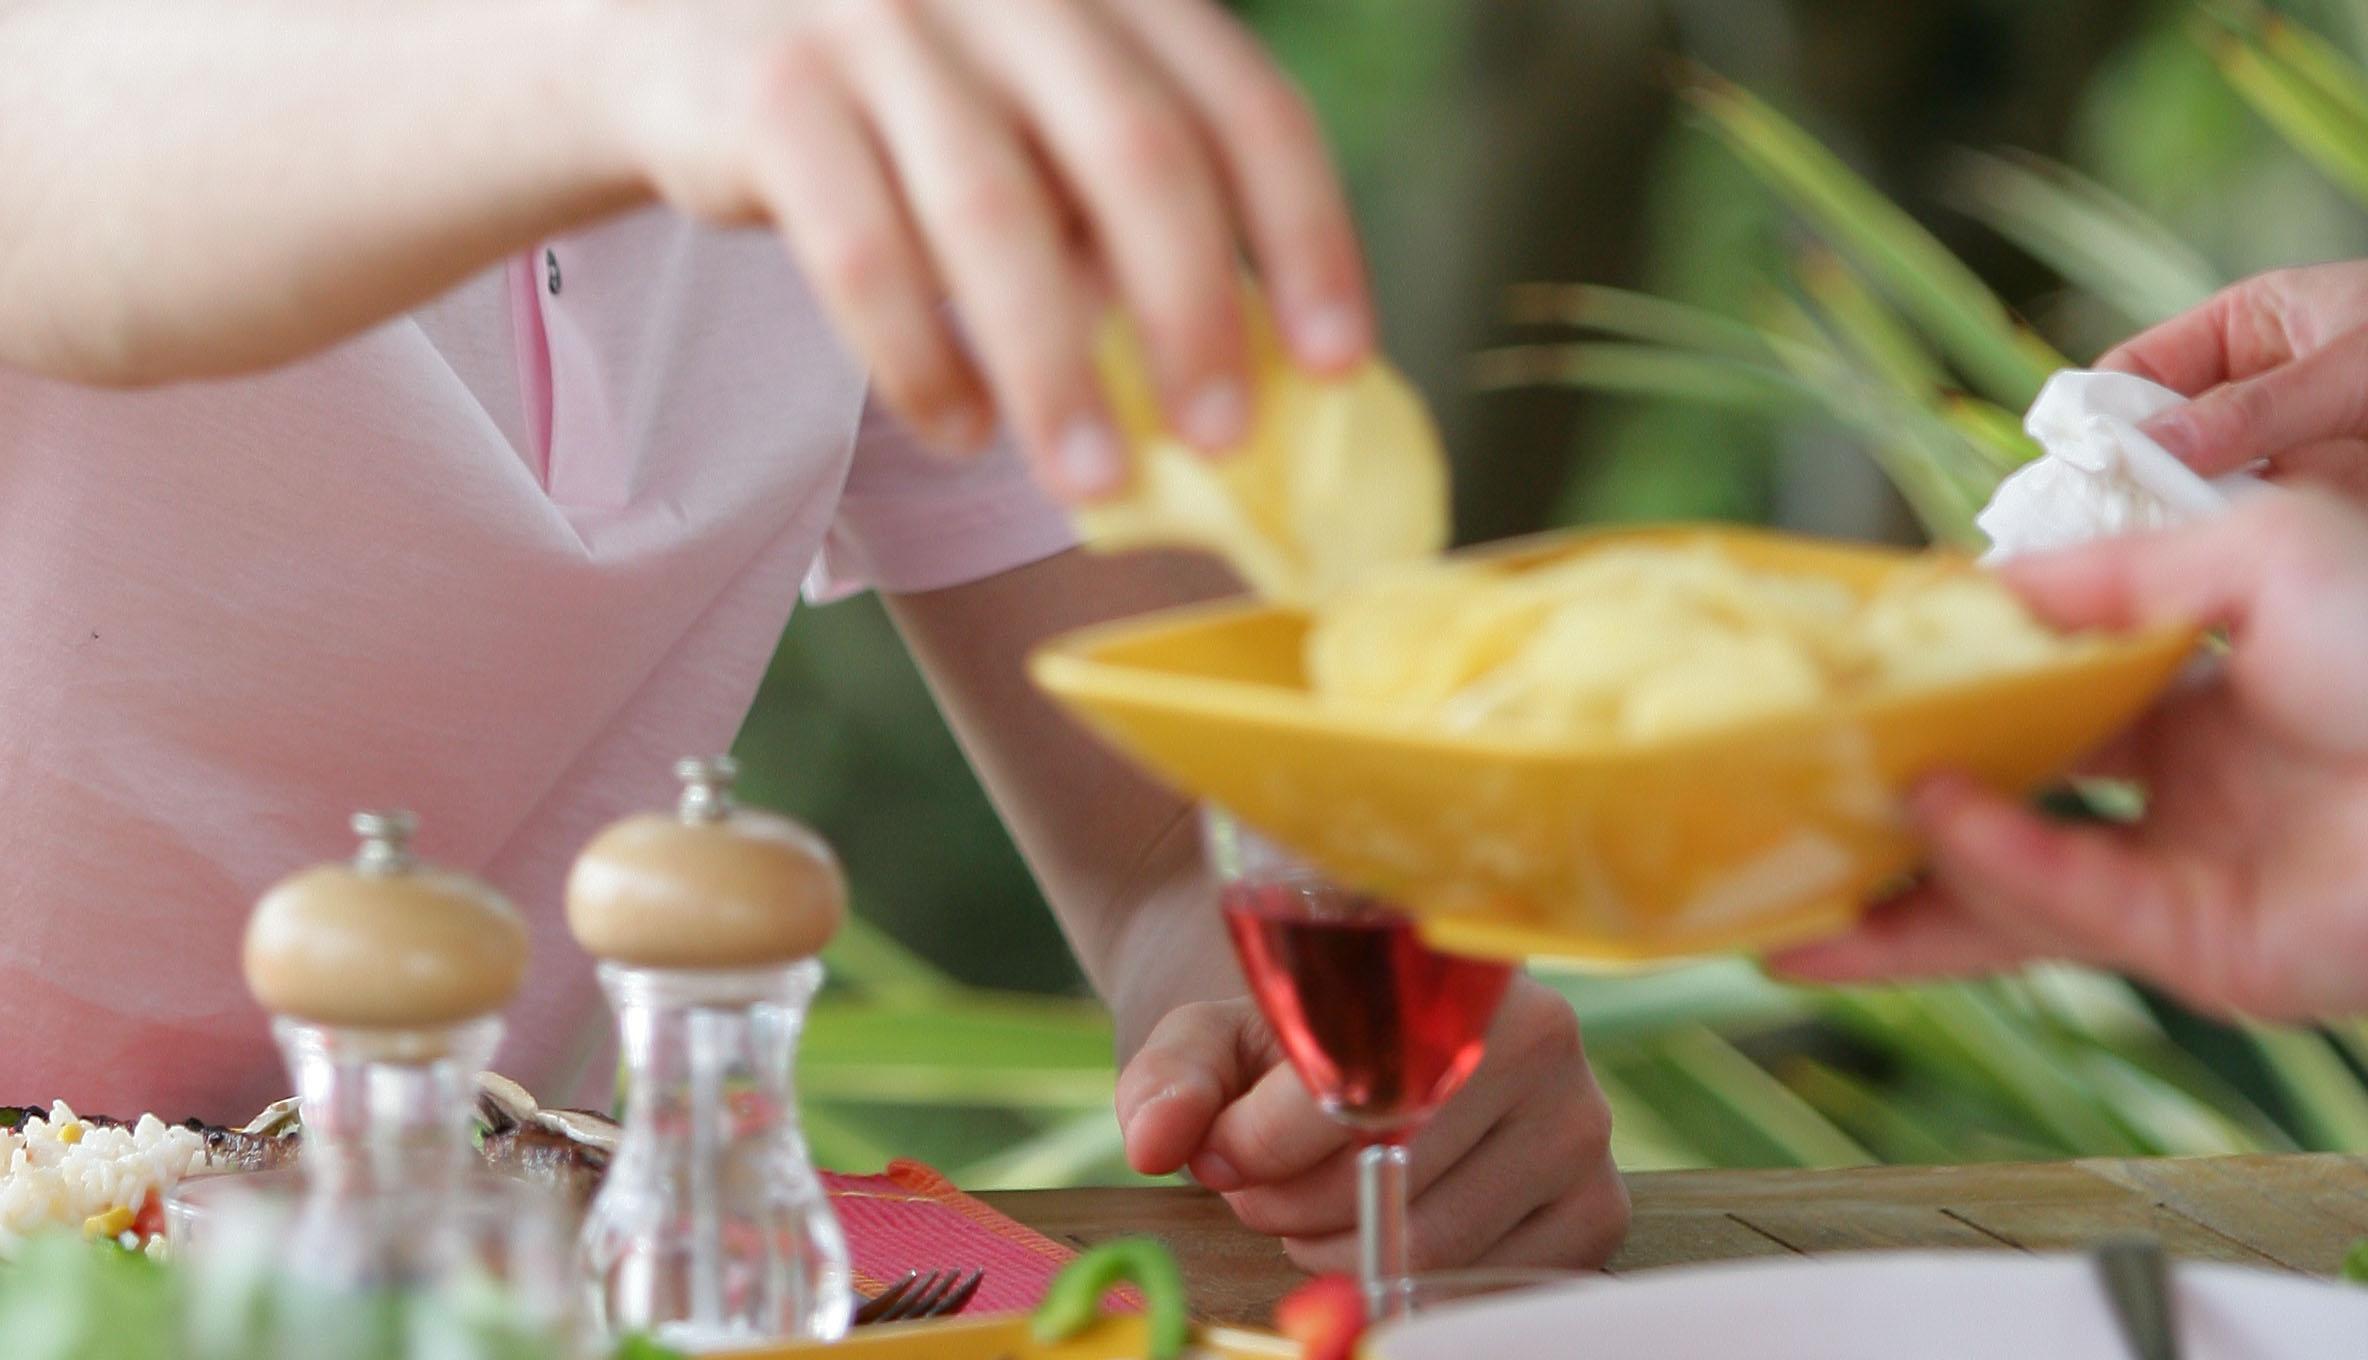 I vilken ljudmiljö smakar chips bäst? Bilden visar en hand som greppar ett chips ur en skål.